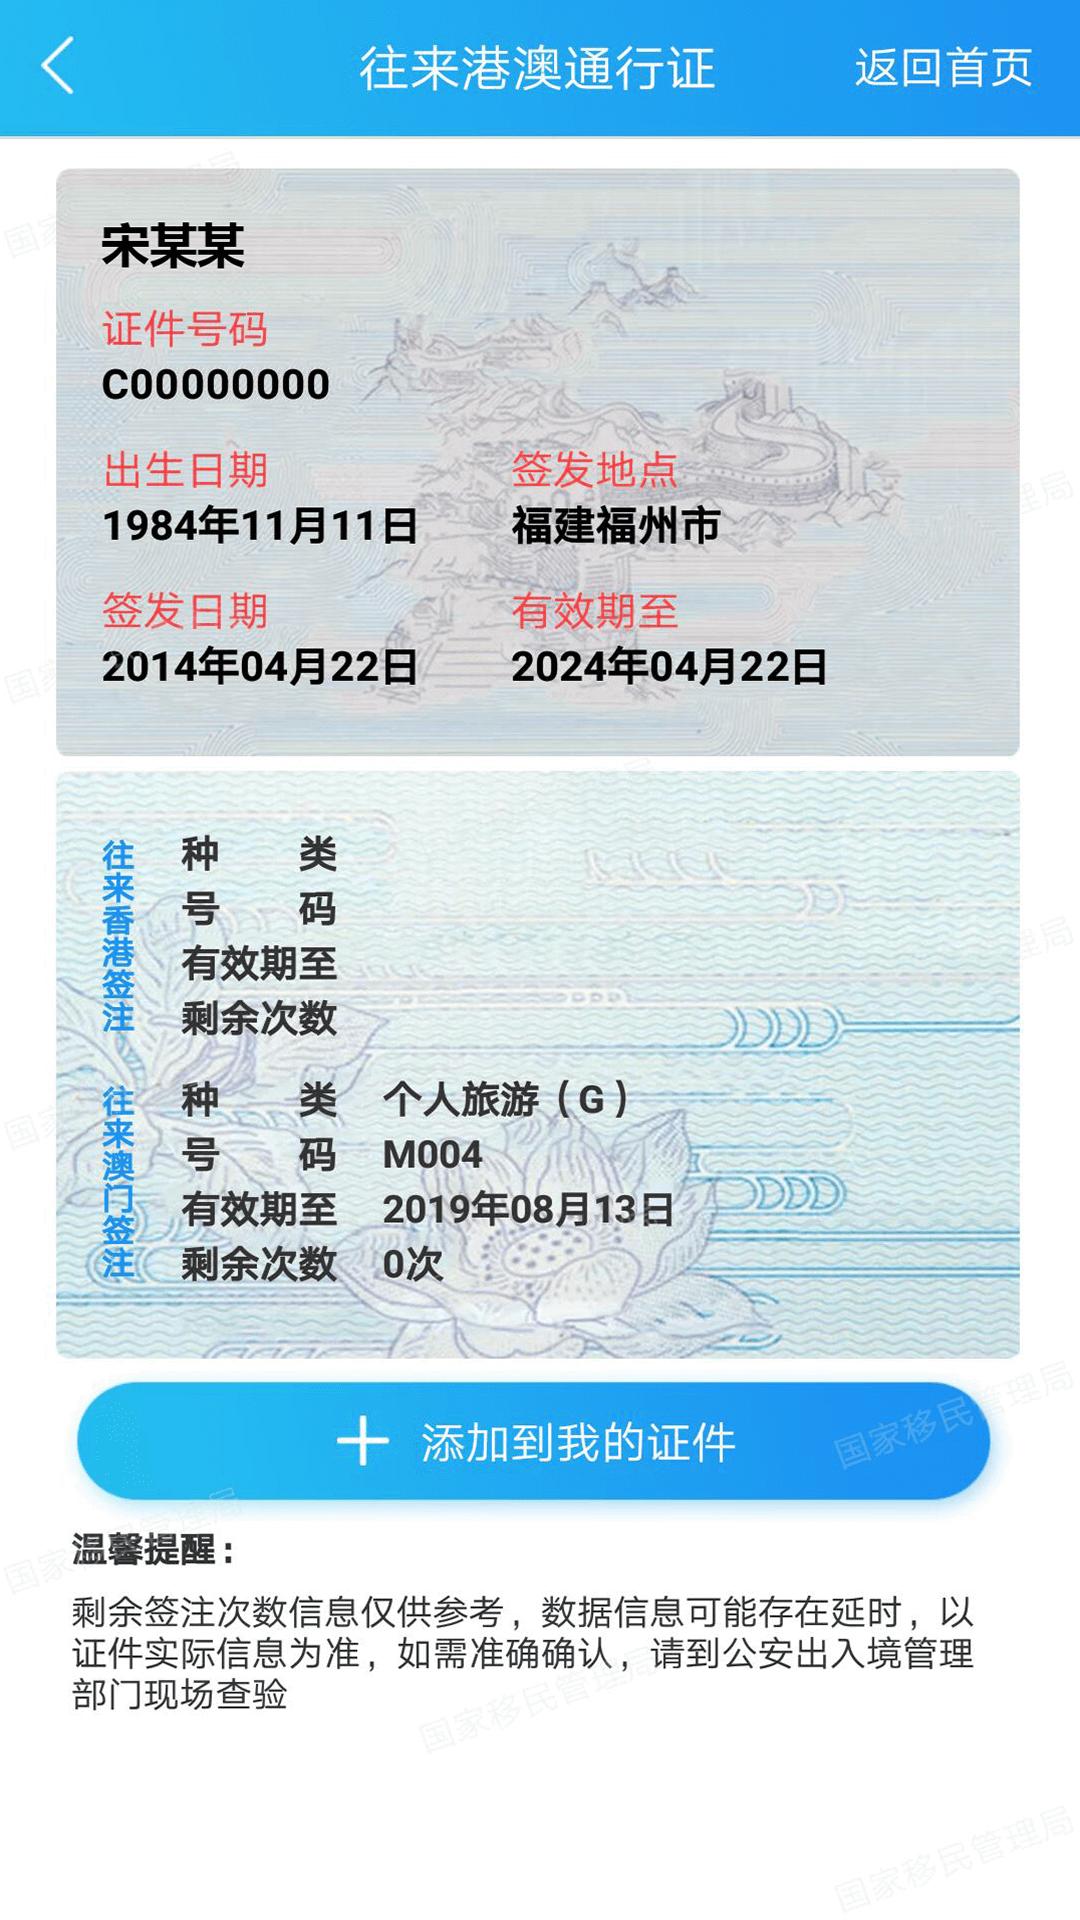 广州移民局电话号码 广州移民局咨询电话